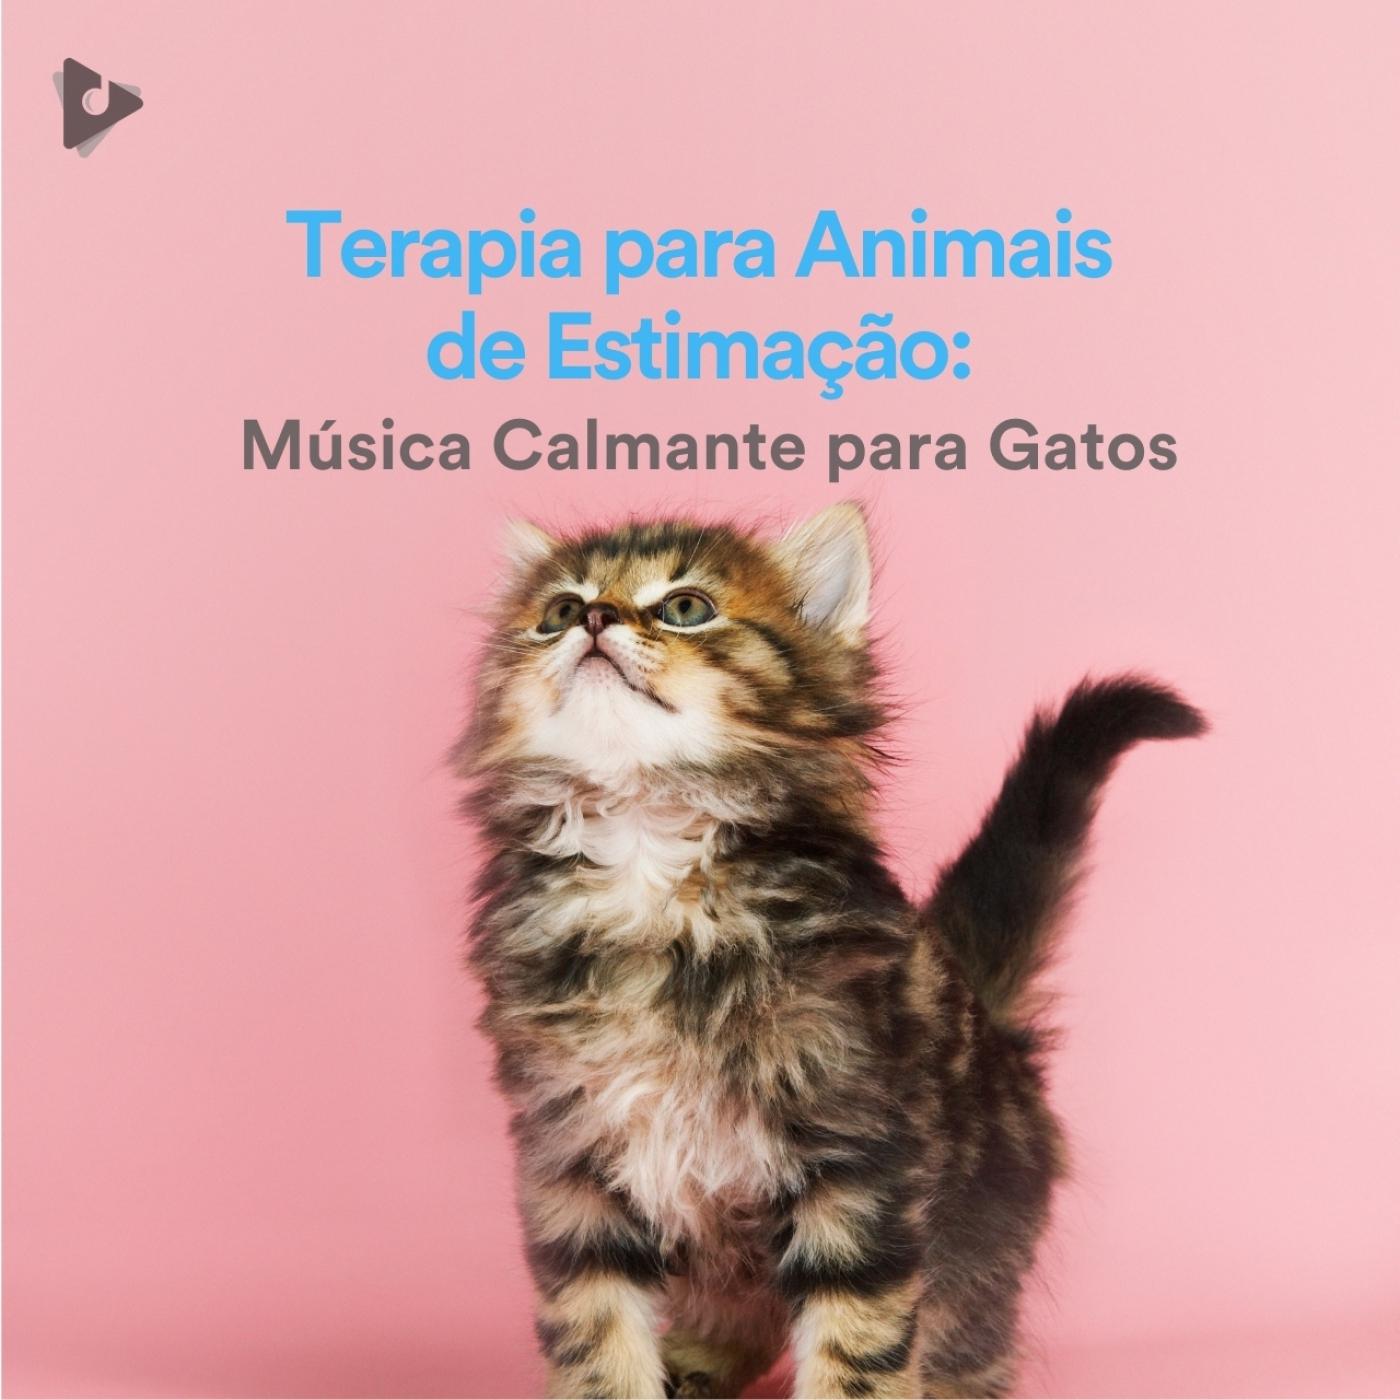 Terapia para Animais de Estimação: Música Calmante para Gatos